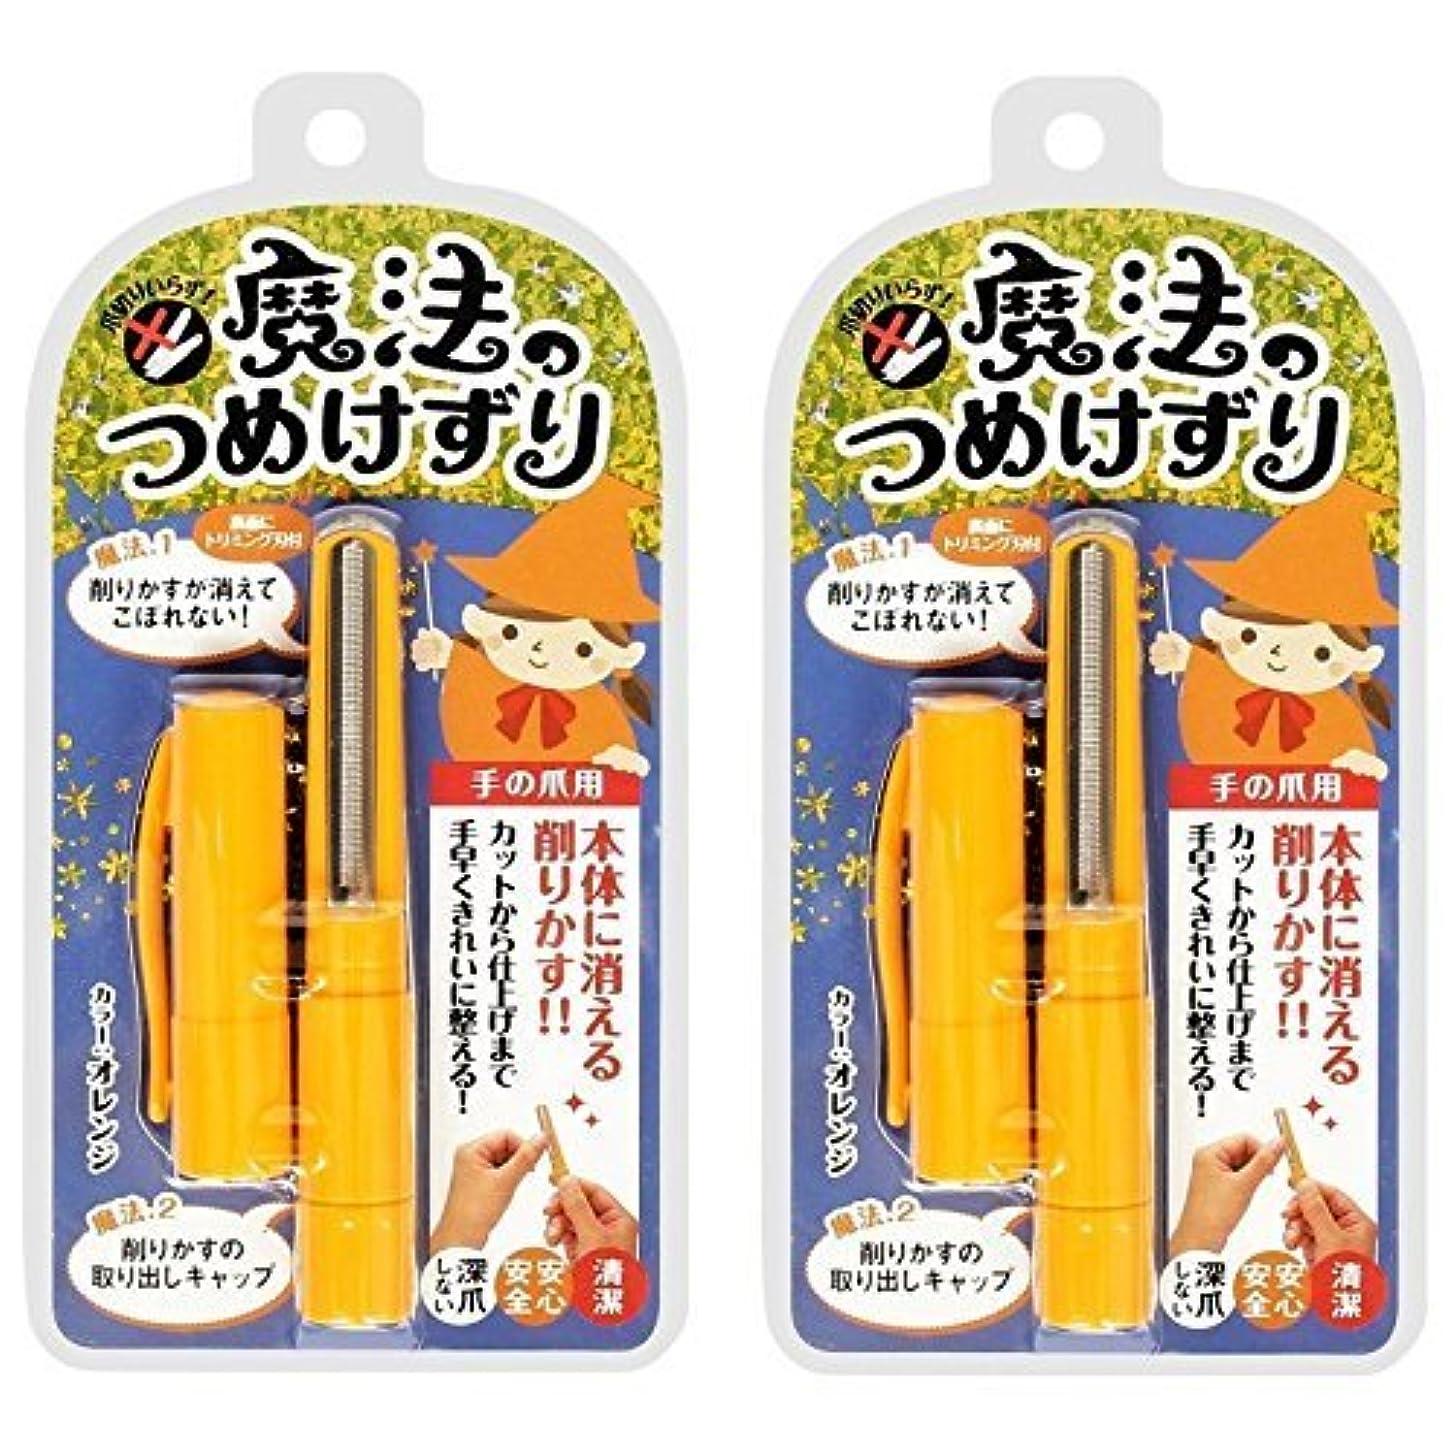 変数かかわらずヒゲ【セット品】松本金型 魔法のつめけずり MM-090 オレンジ (2個)